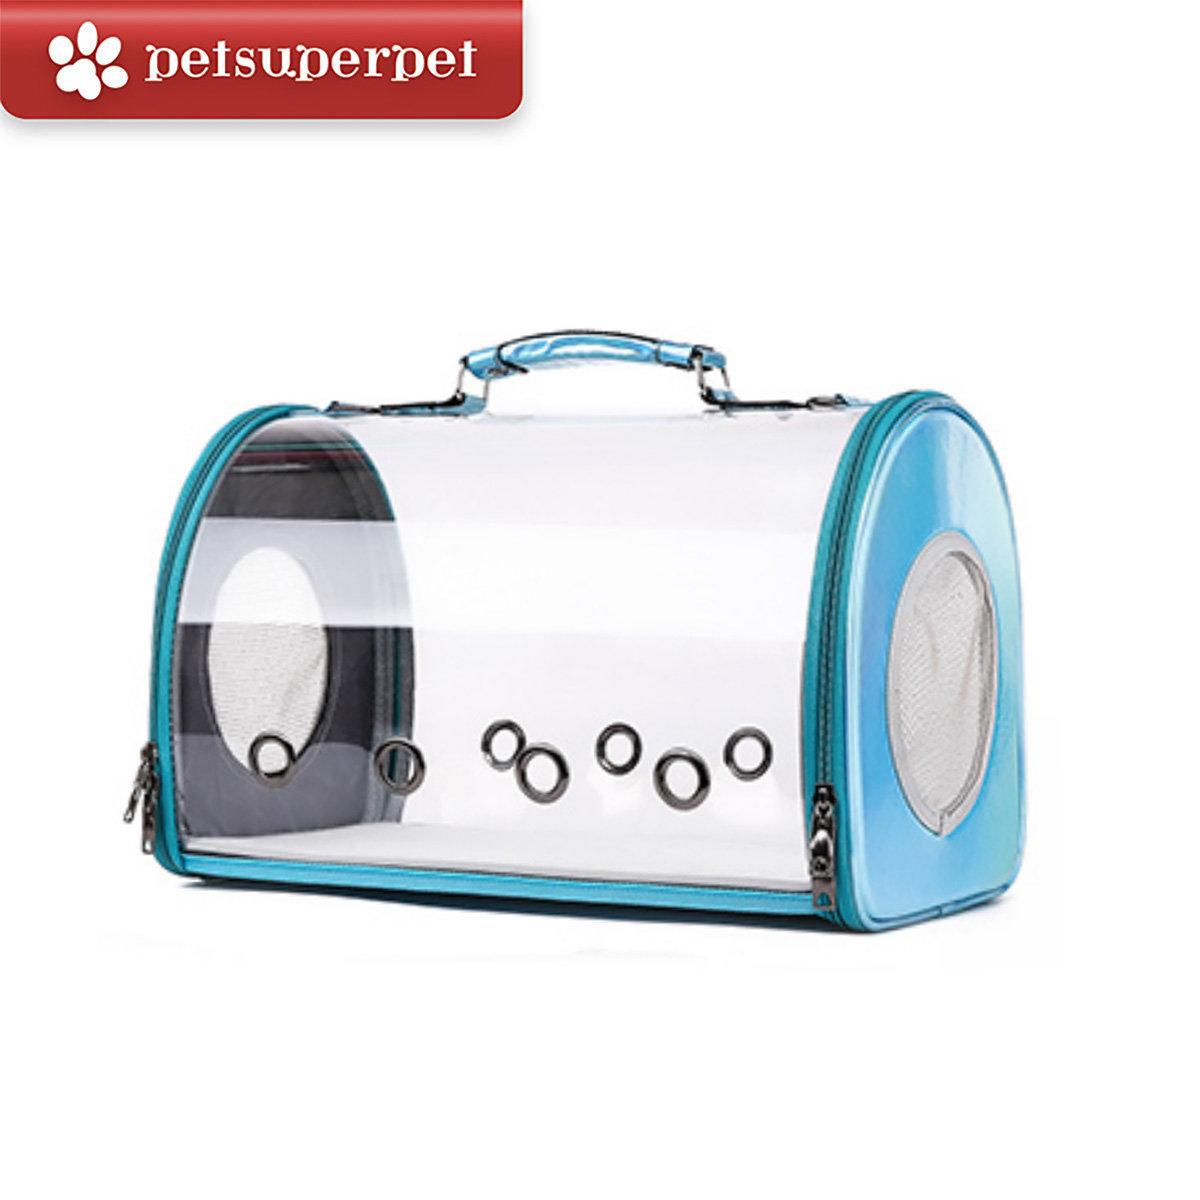 Transparent Pet Carrying Case - Blue